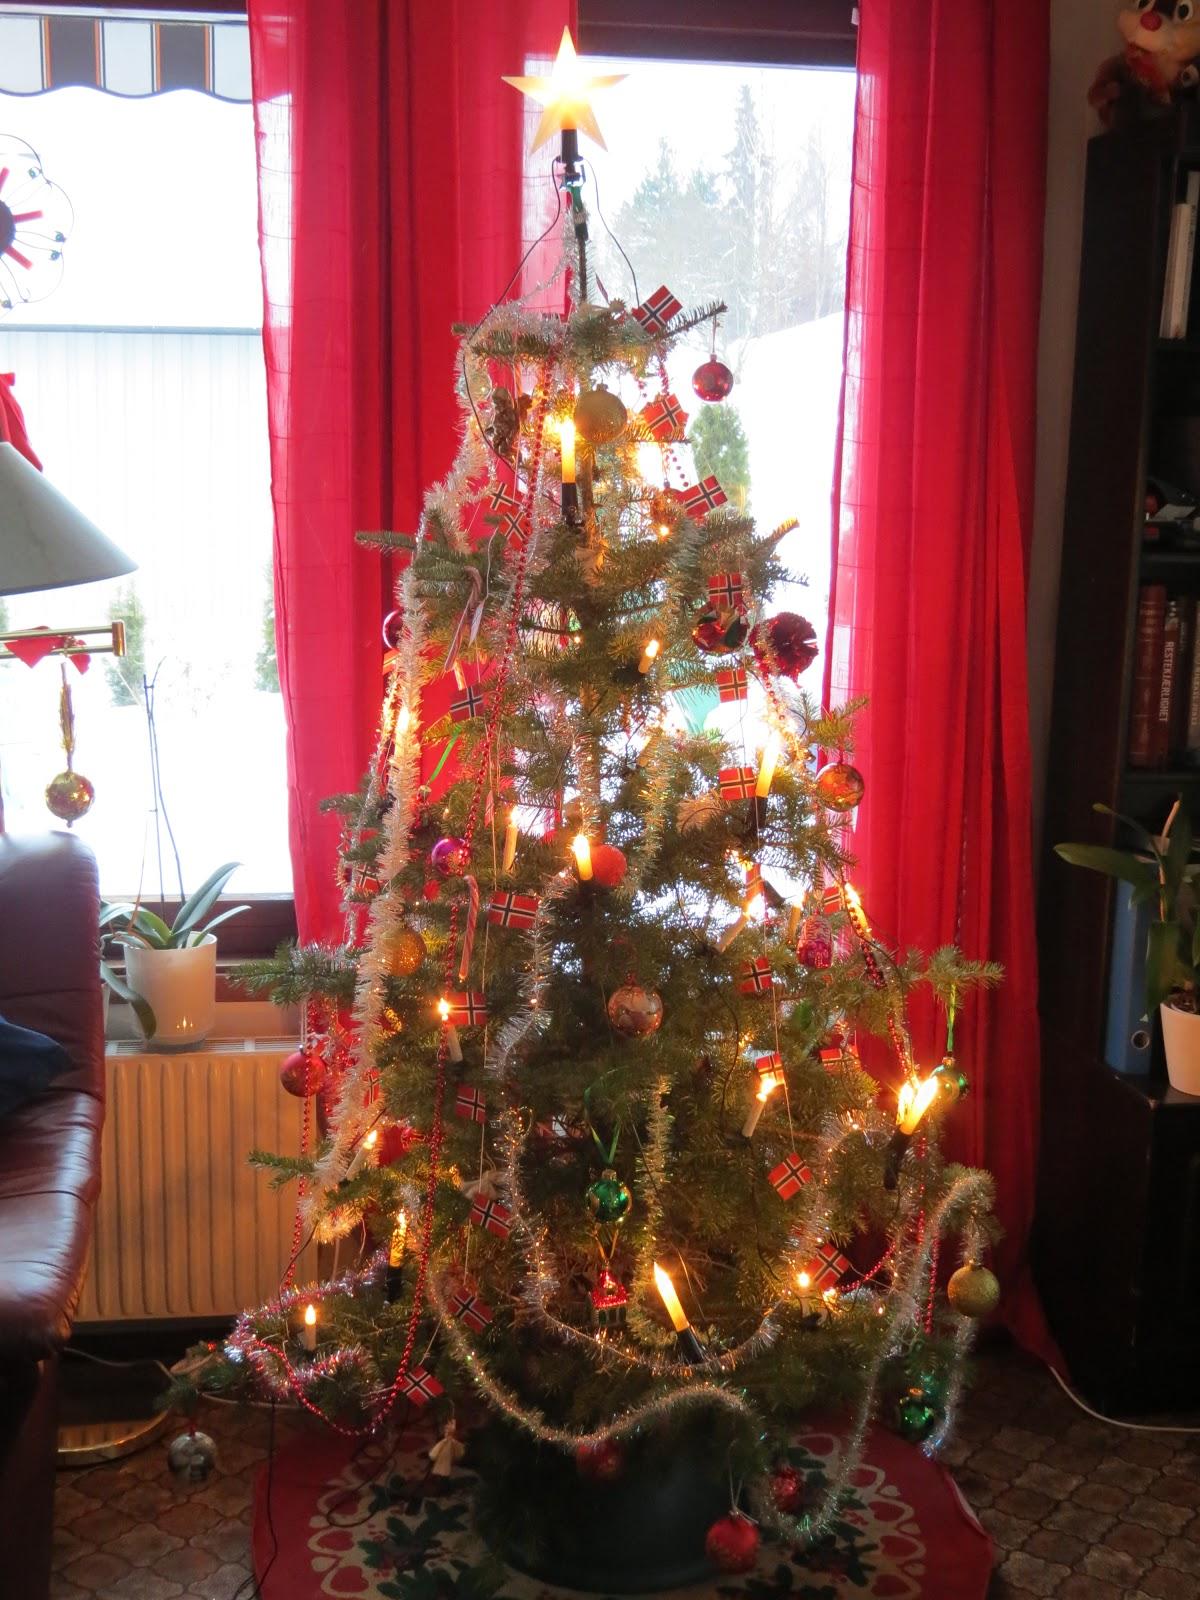 feel, enjoy: alive: Weihnachten im weissen Norwegen